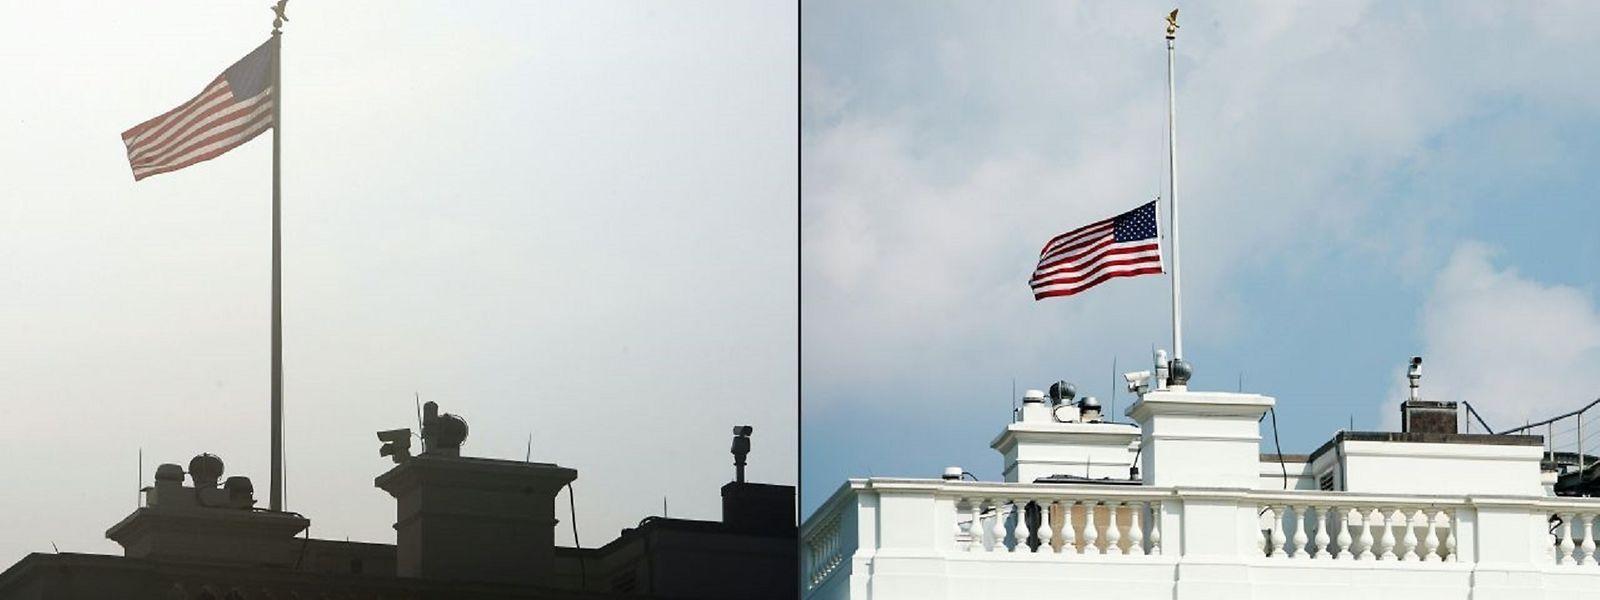 Halbmast oder nicht? Das Weiße Haus war sich am Montag uneins. Zurzeit ist die Fahne wieder unten.